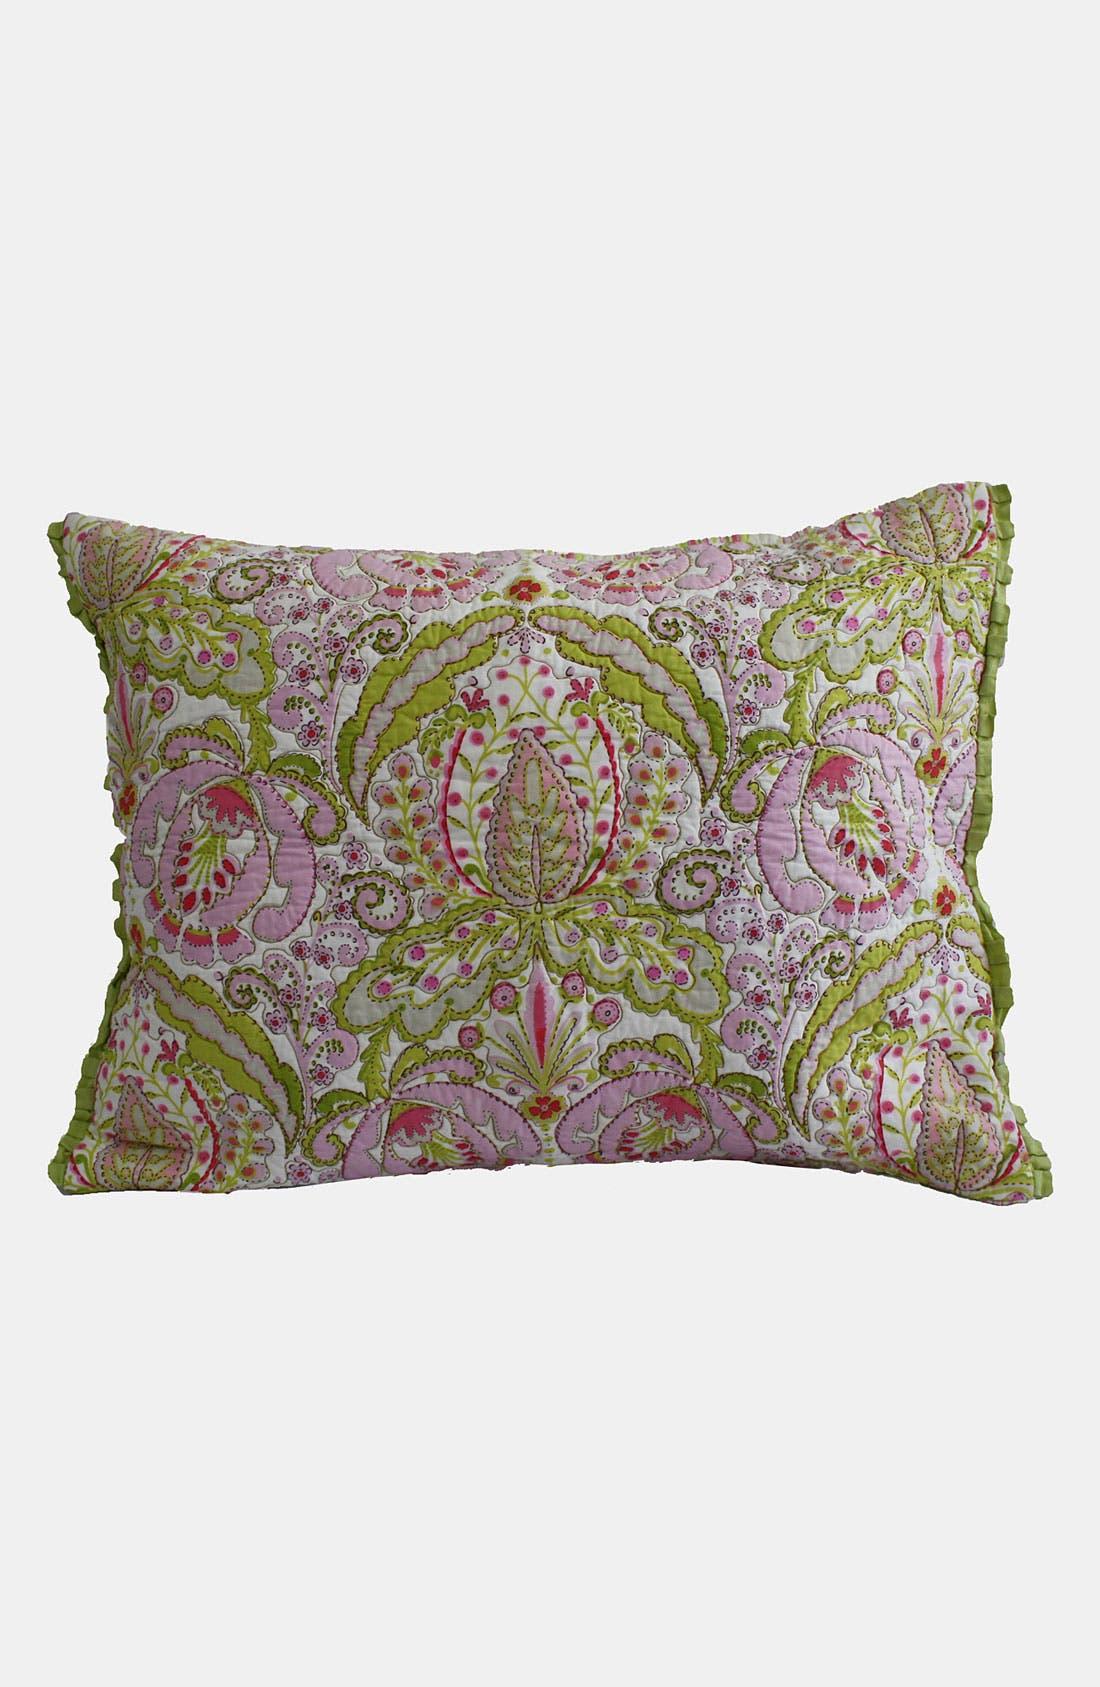 Main Image - Dena Home 'Moroccan Garden' Pillow Sham